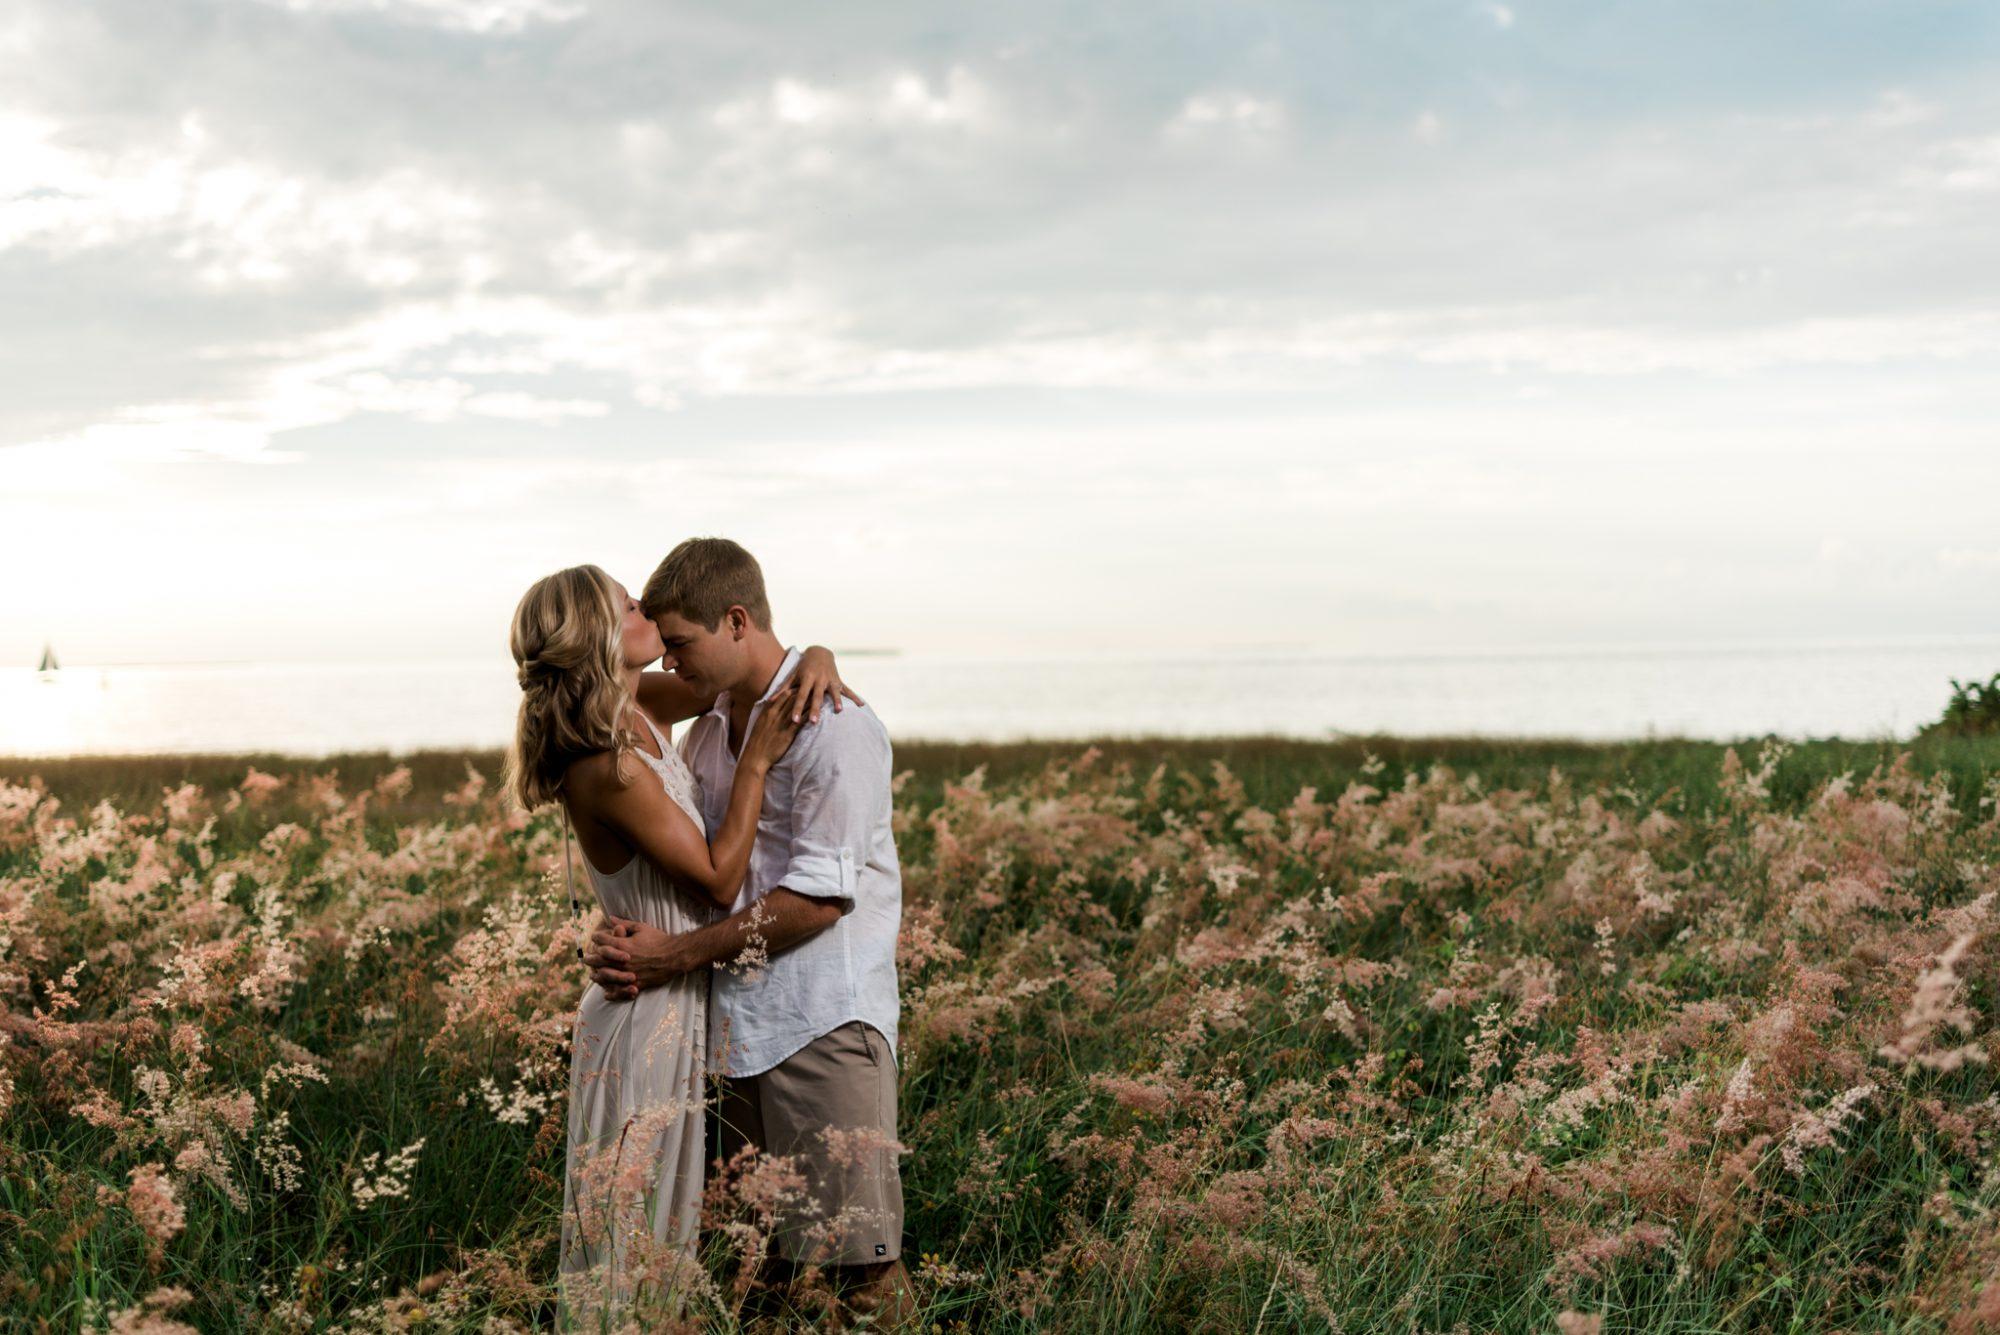 shelby-jake-engagement-photos-39